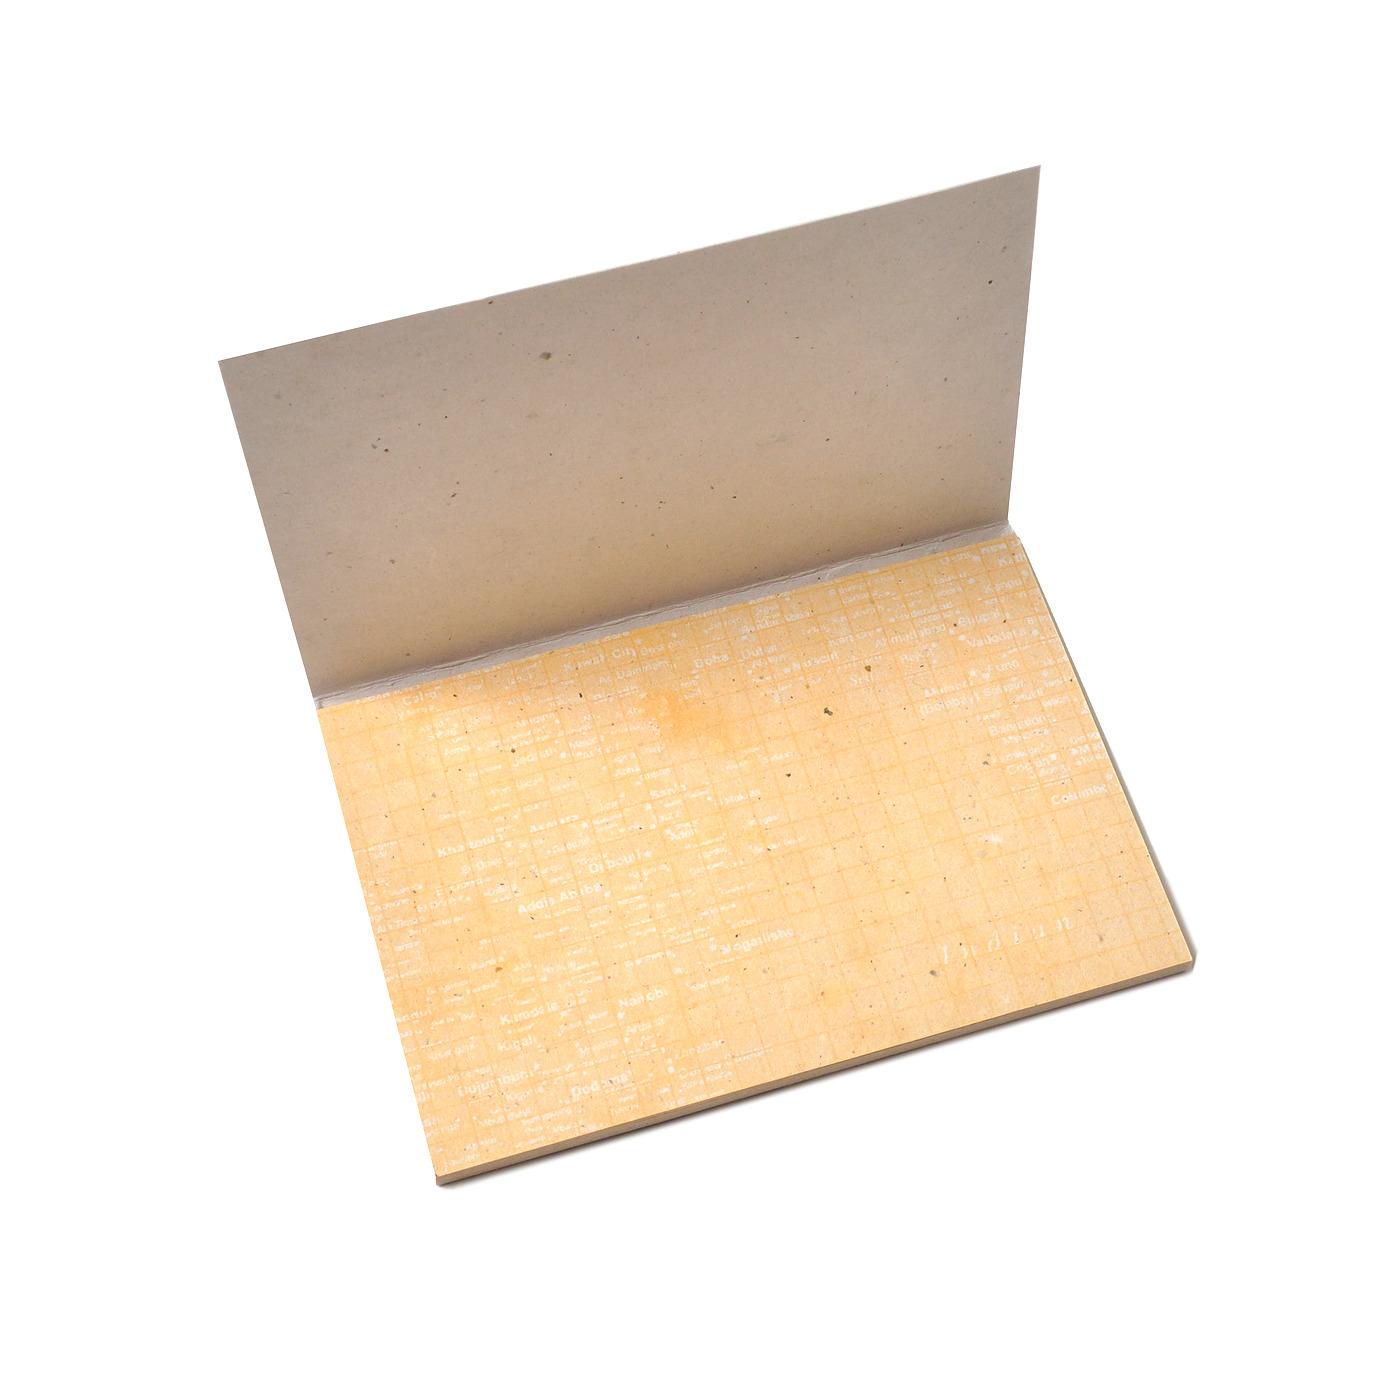 内紙は凸凹感が味わい深い活版印刷で仕上げました。